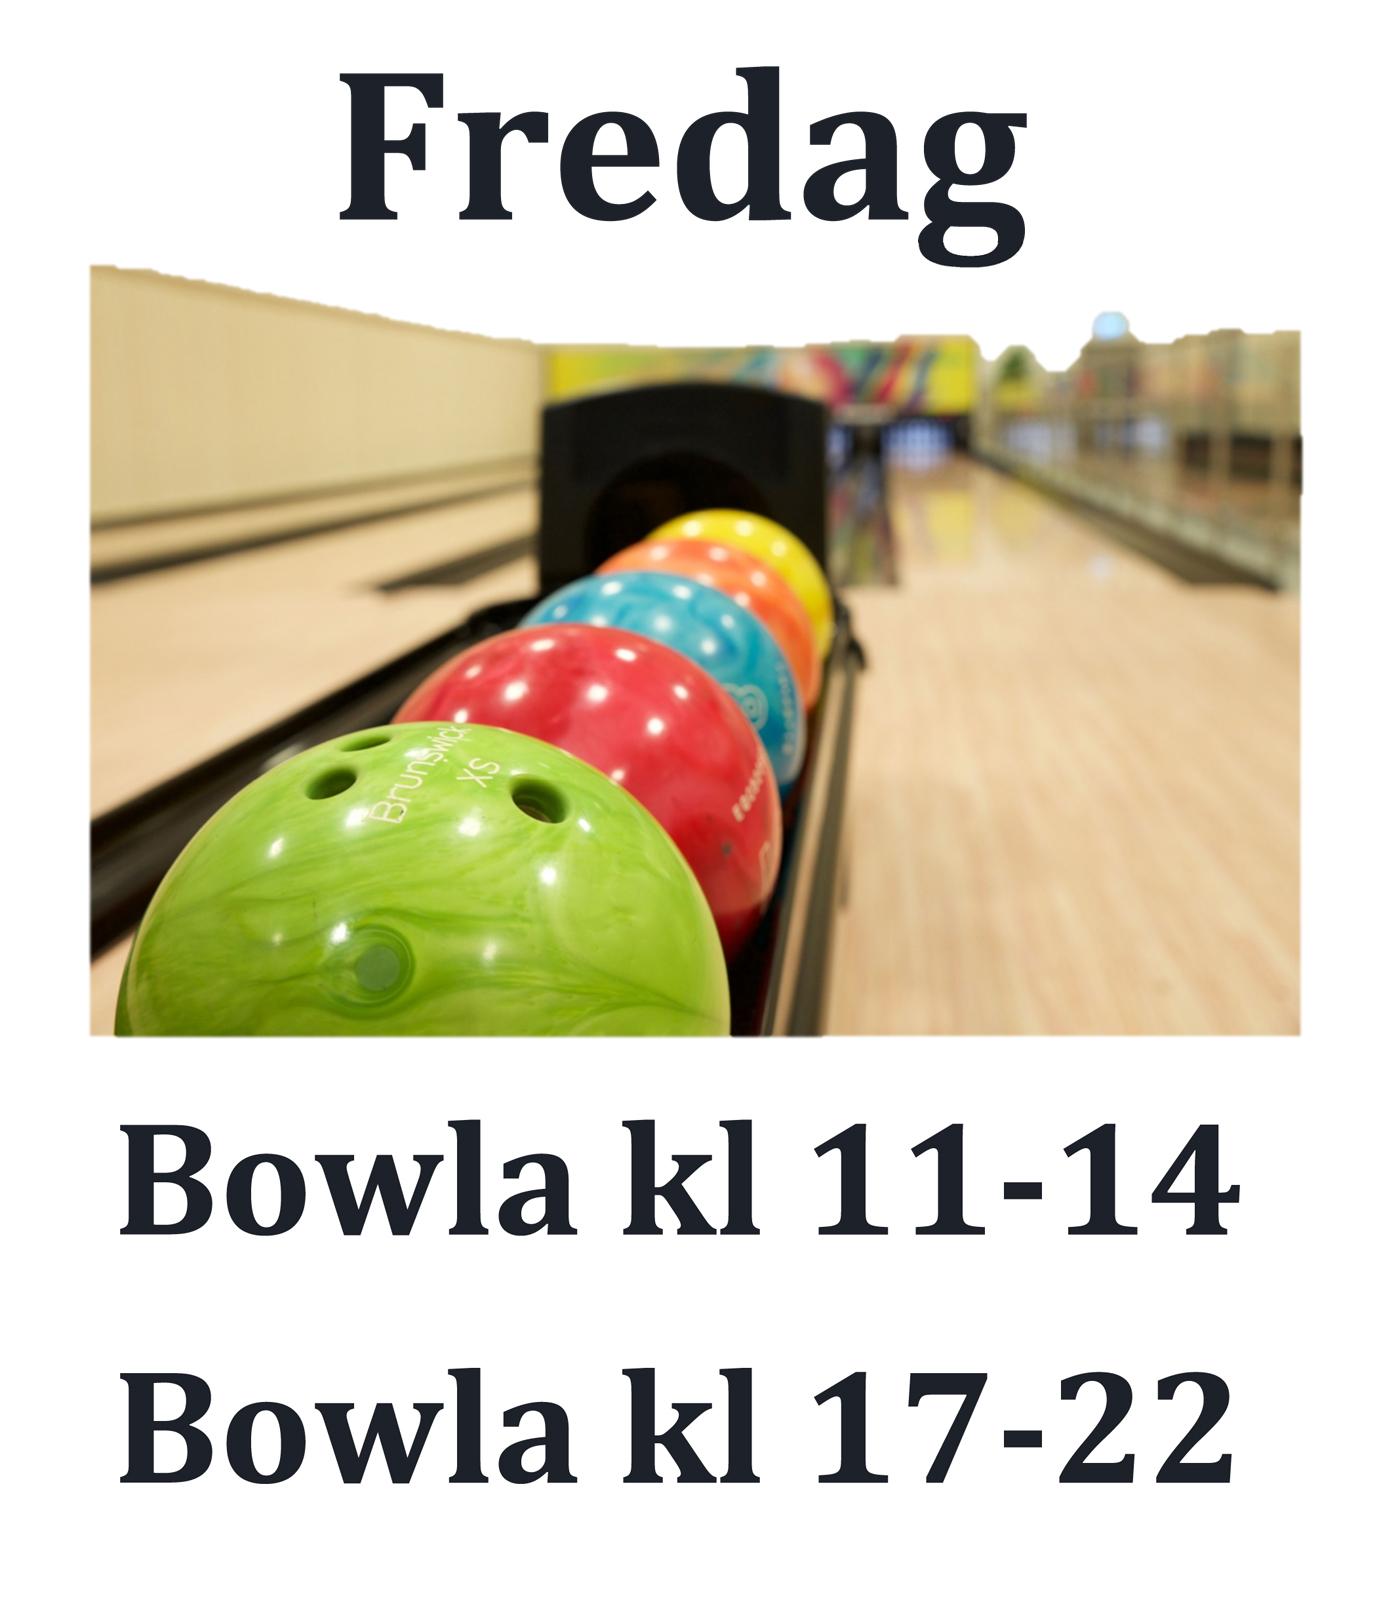 Fredag:  BOWLA  kl 11 - 14 & kl 17 - 21 OBS tidigare stängning 1/11